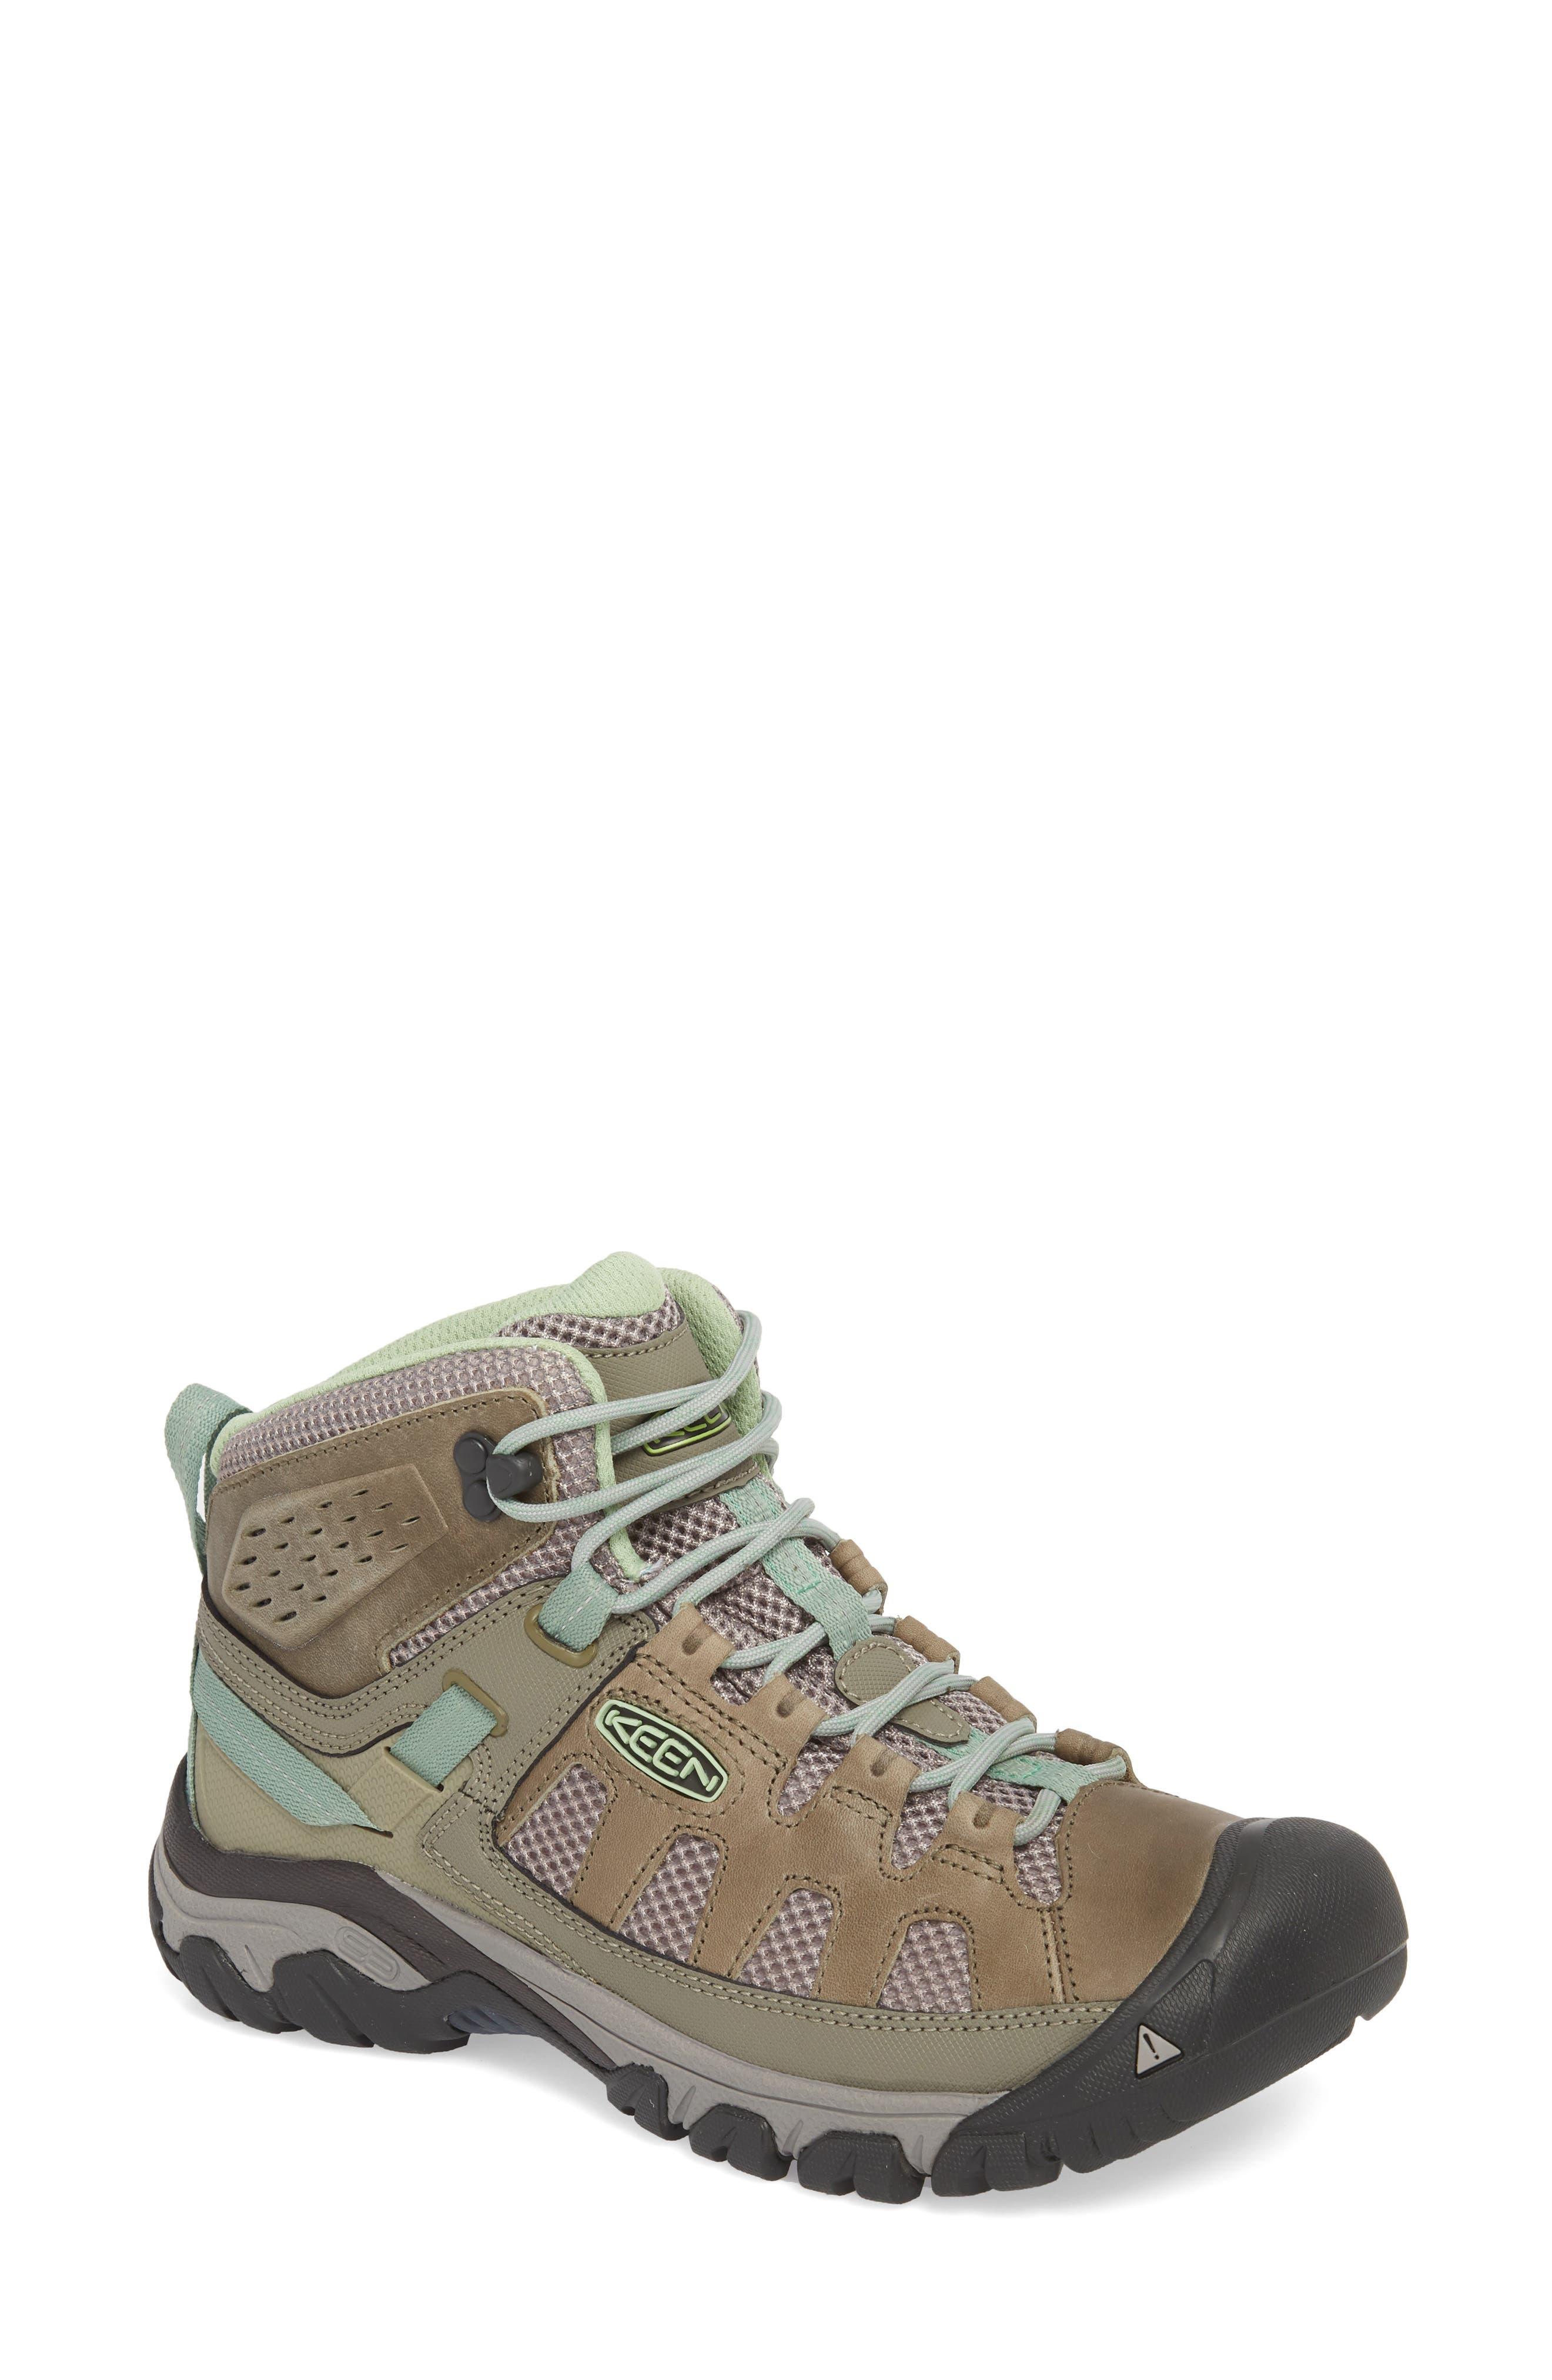 Targhee Vent Mid Hiking Shoe,                             Main thumbnail 1, color,                             200